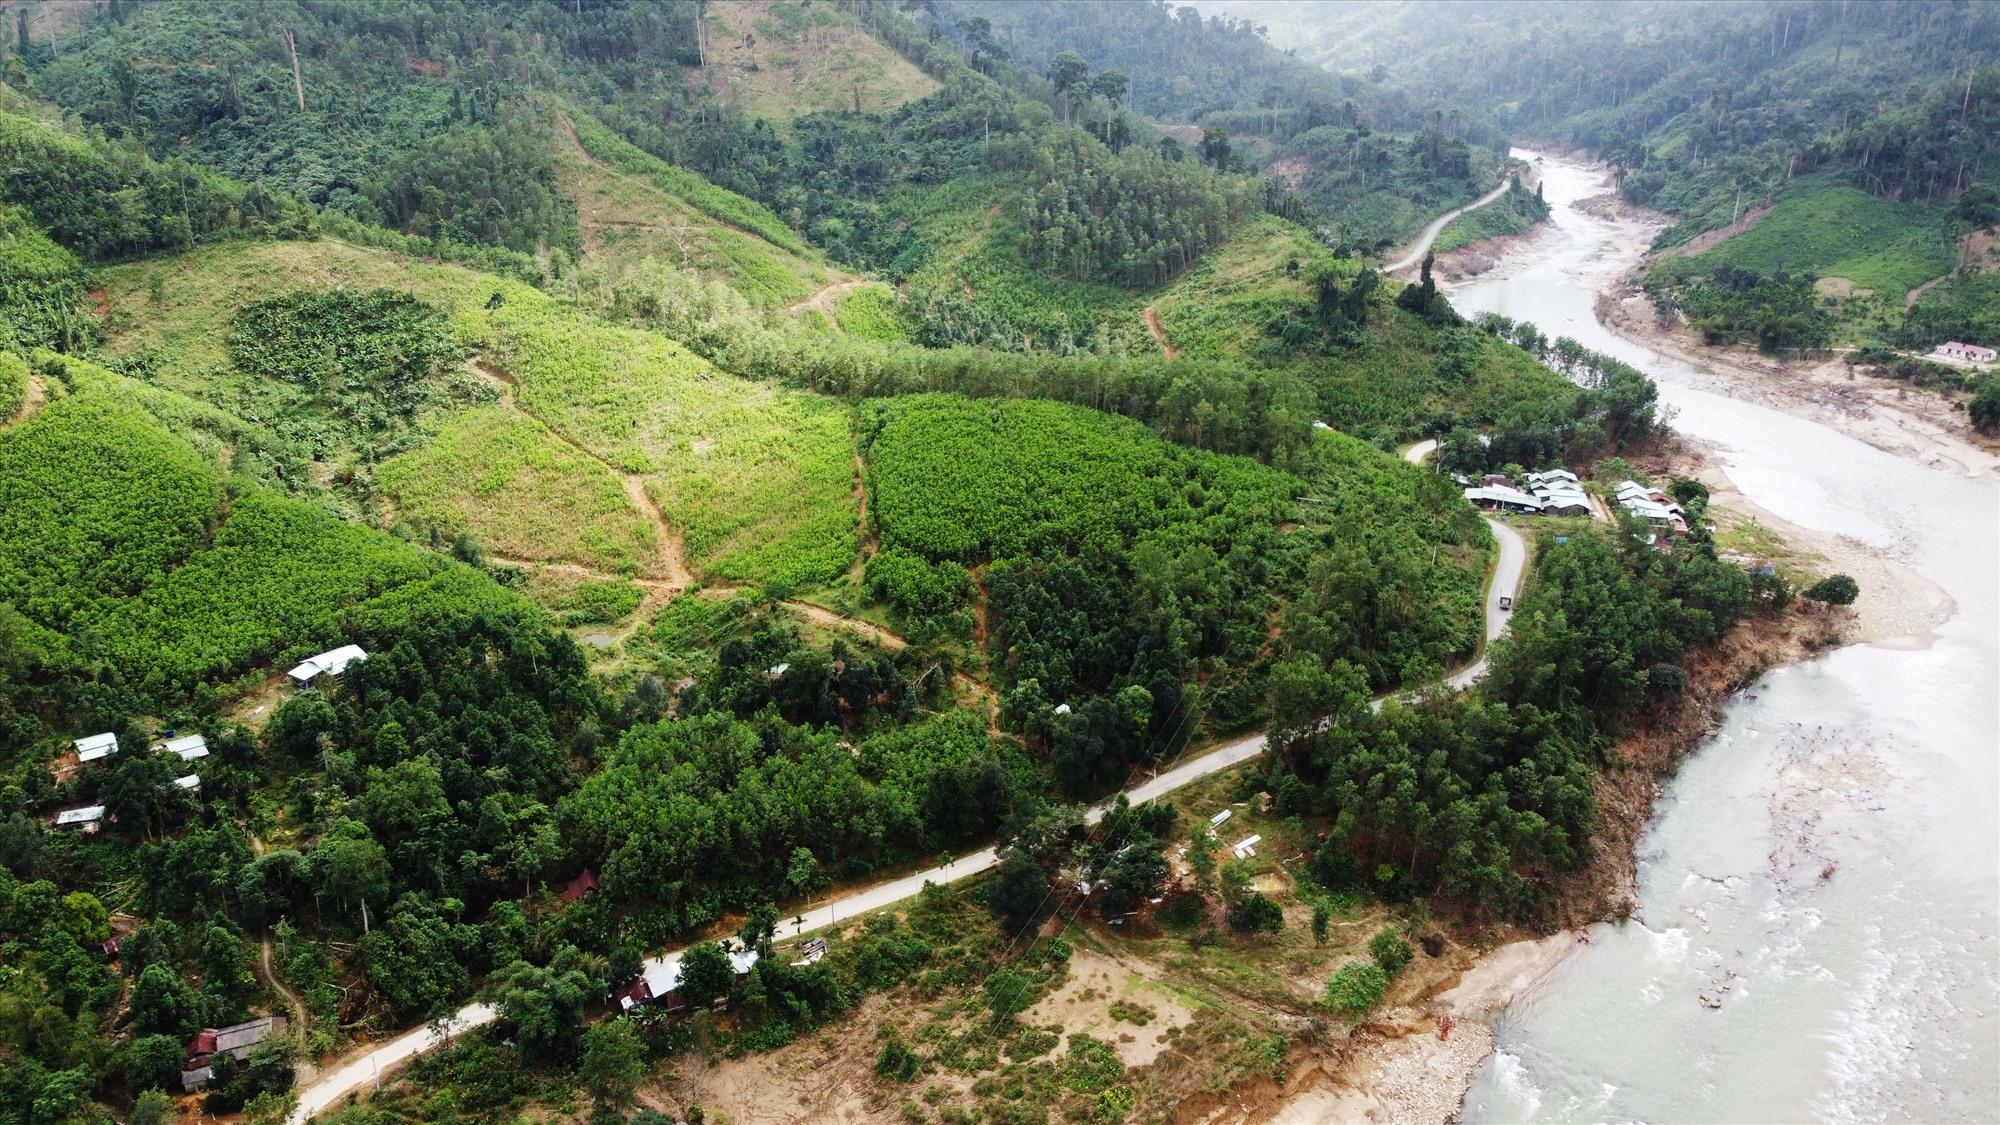 Quốc lộ 40B qua huyện Bắc Trà My và Nam Trà My chạy men theo lòng thủy điện sông Tranh 2 và sông Tranh. Đây là tuyến đường độc đạo đến huyện Nam Trà My, mỗi lần sạt lở người dân huyện miền núi này lại bị cô lập.